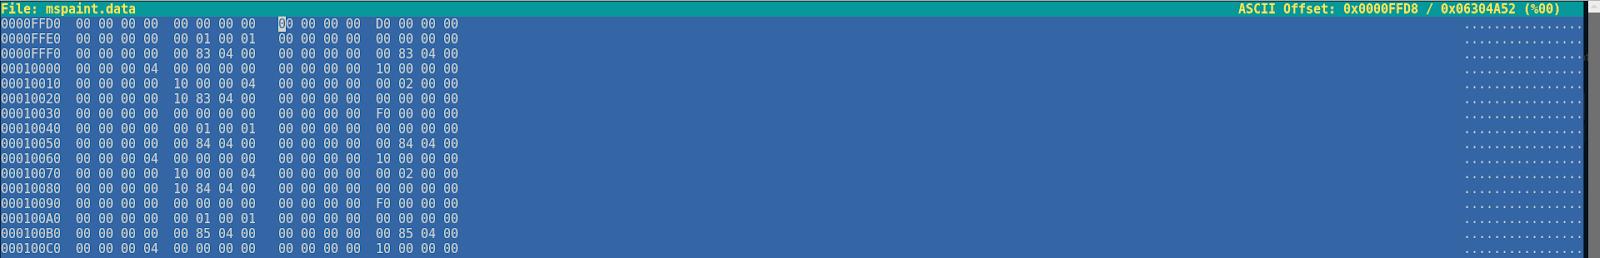 4.-0xffd8 -0xffd9.PNG